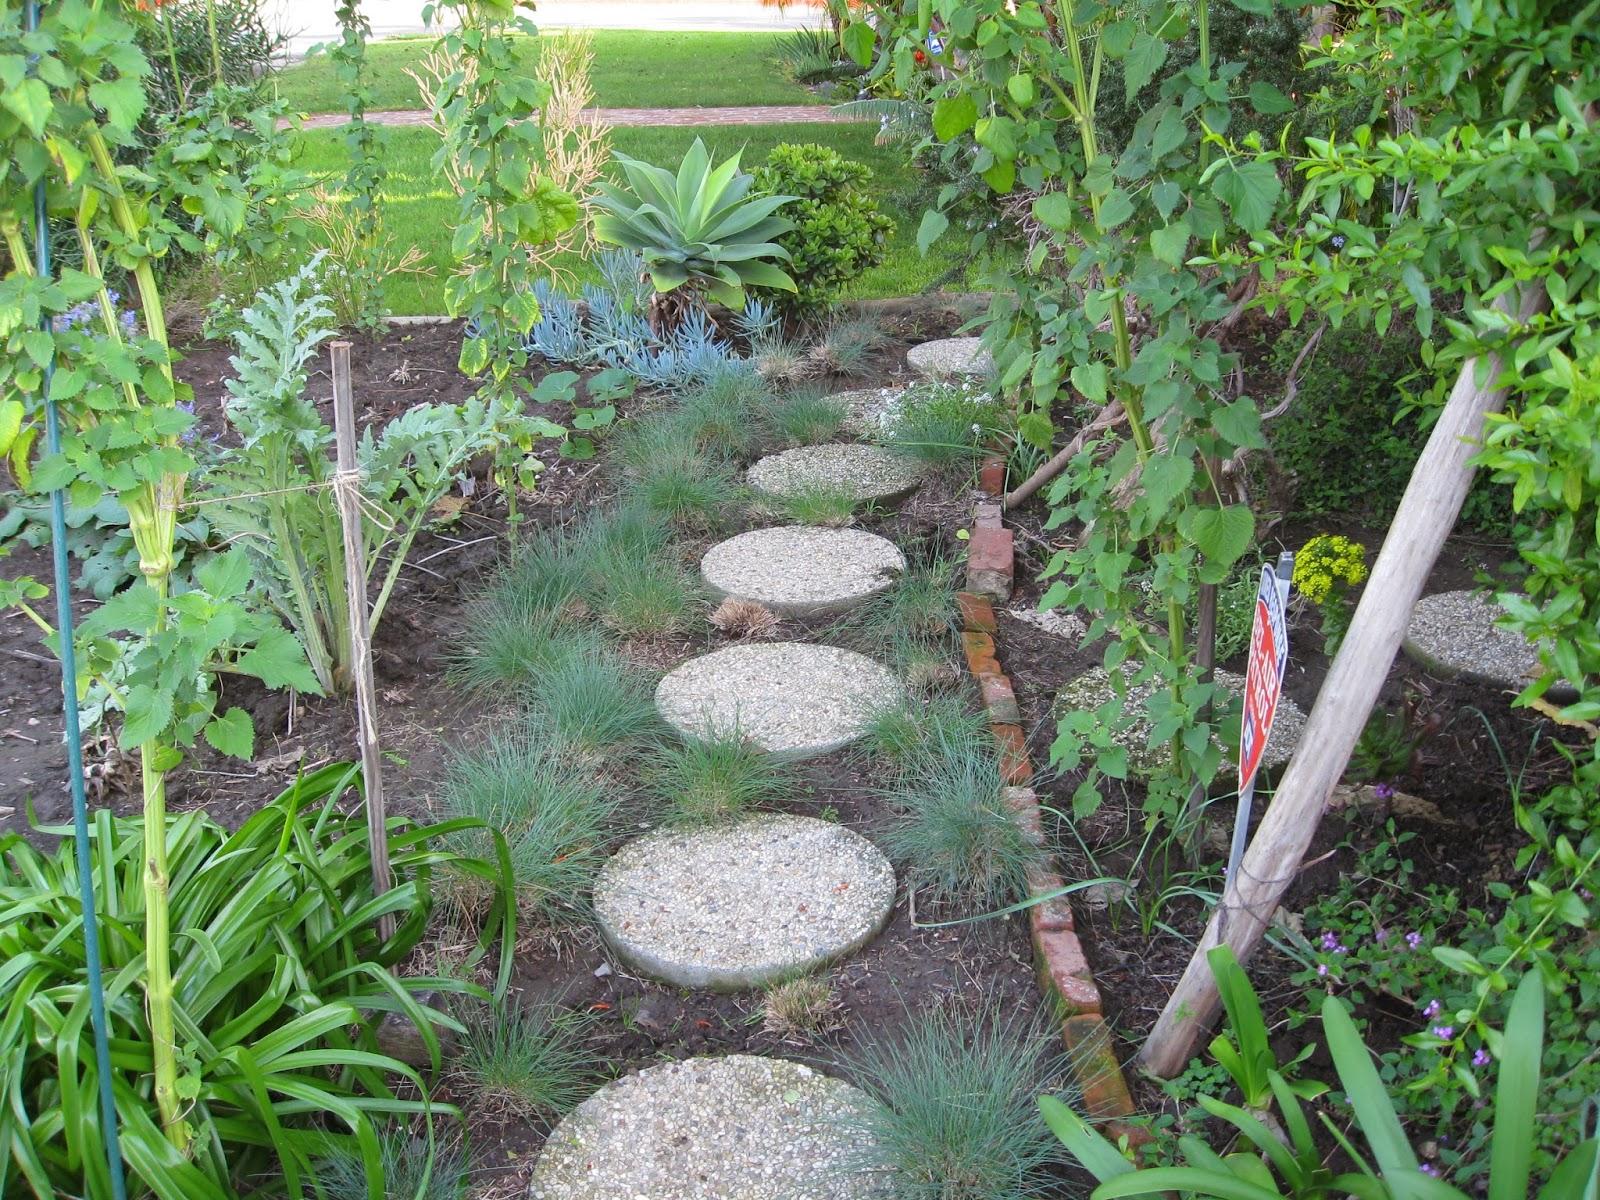 mar vista green garden showcase 2555 federal avenue cluster 1